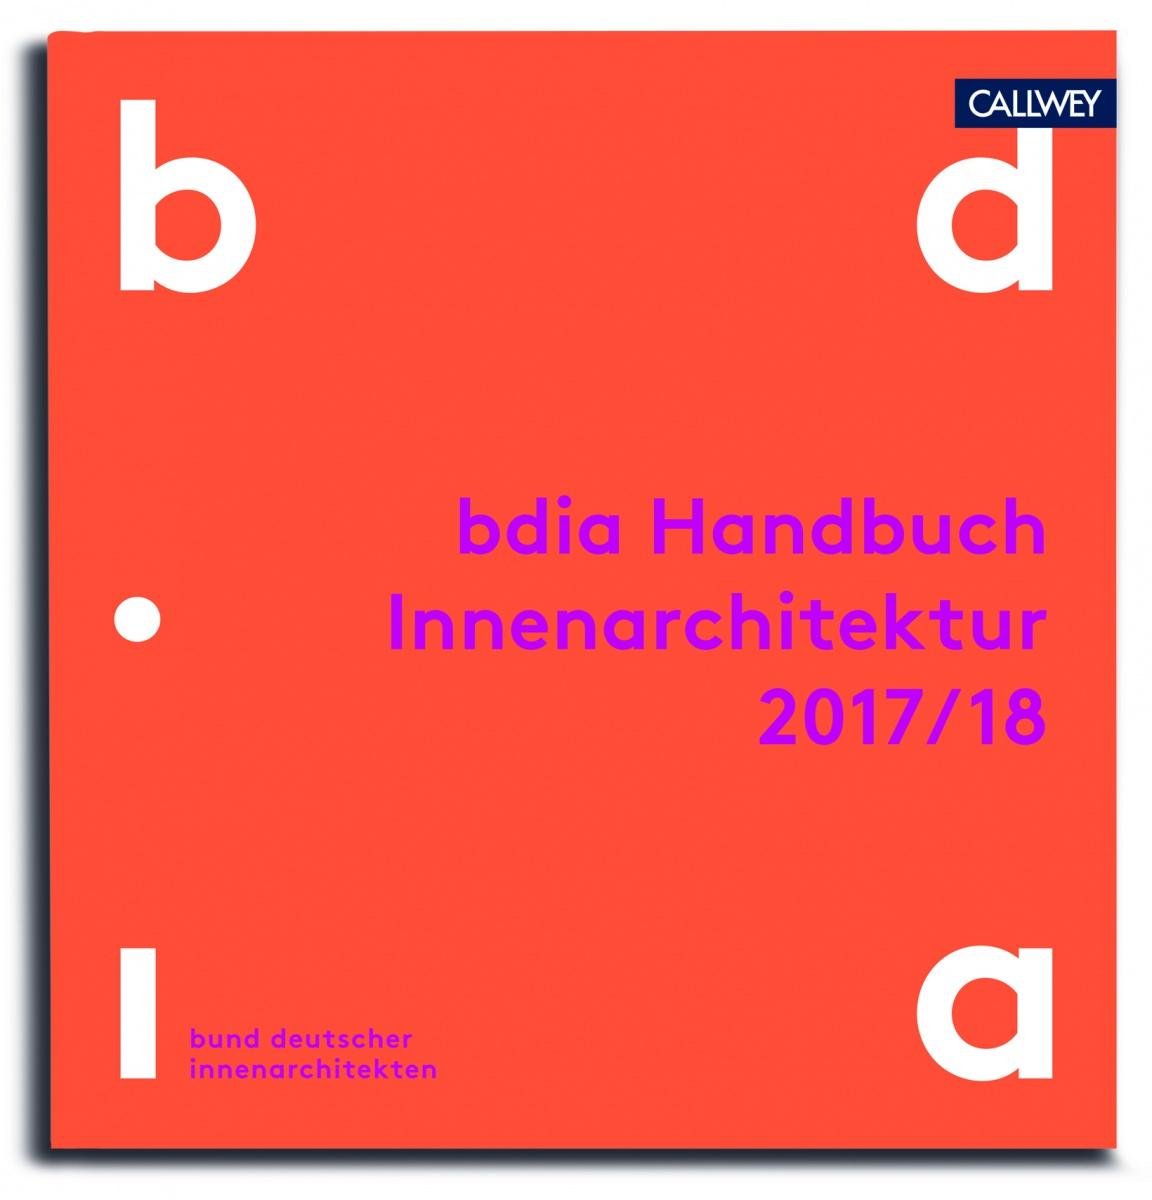 auswahl an publikationen zur innenarchitektur - bdia bund, Innenarchitektur ideen